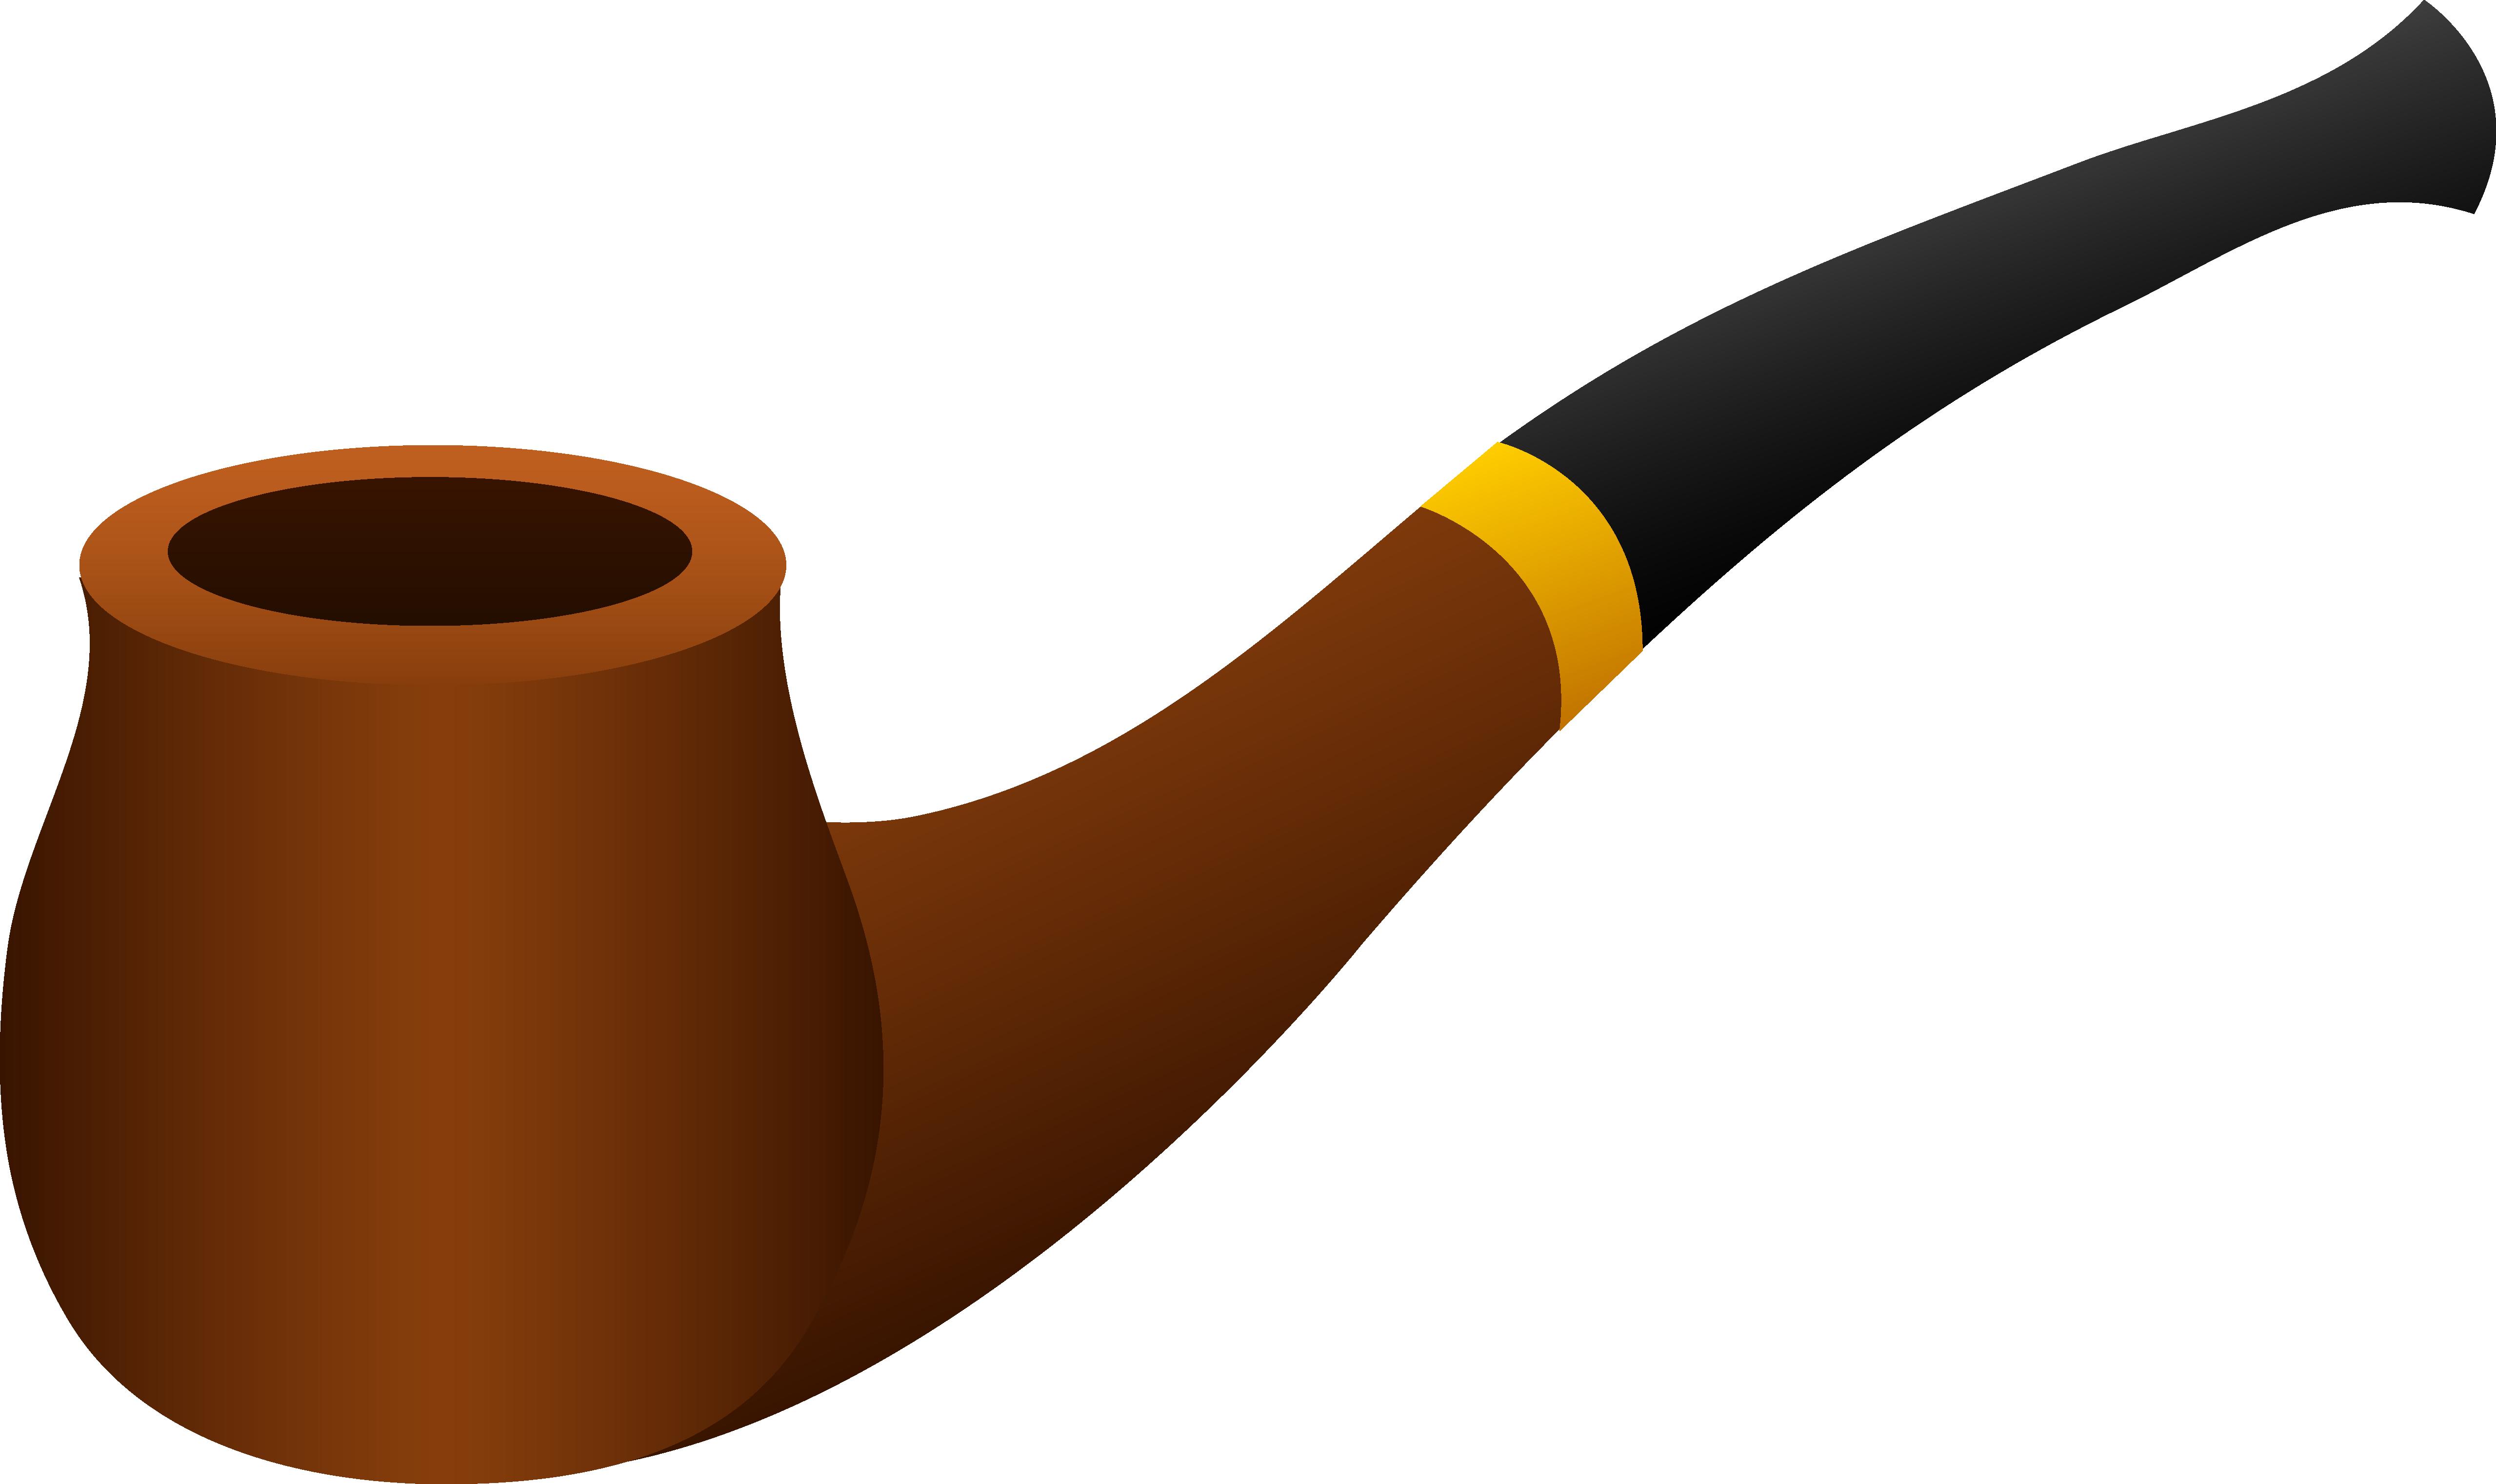 Sherlock Holmes clipart pipe Design Pipe Clip Clipart Design